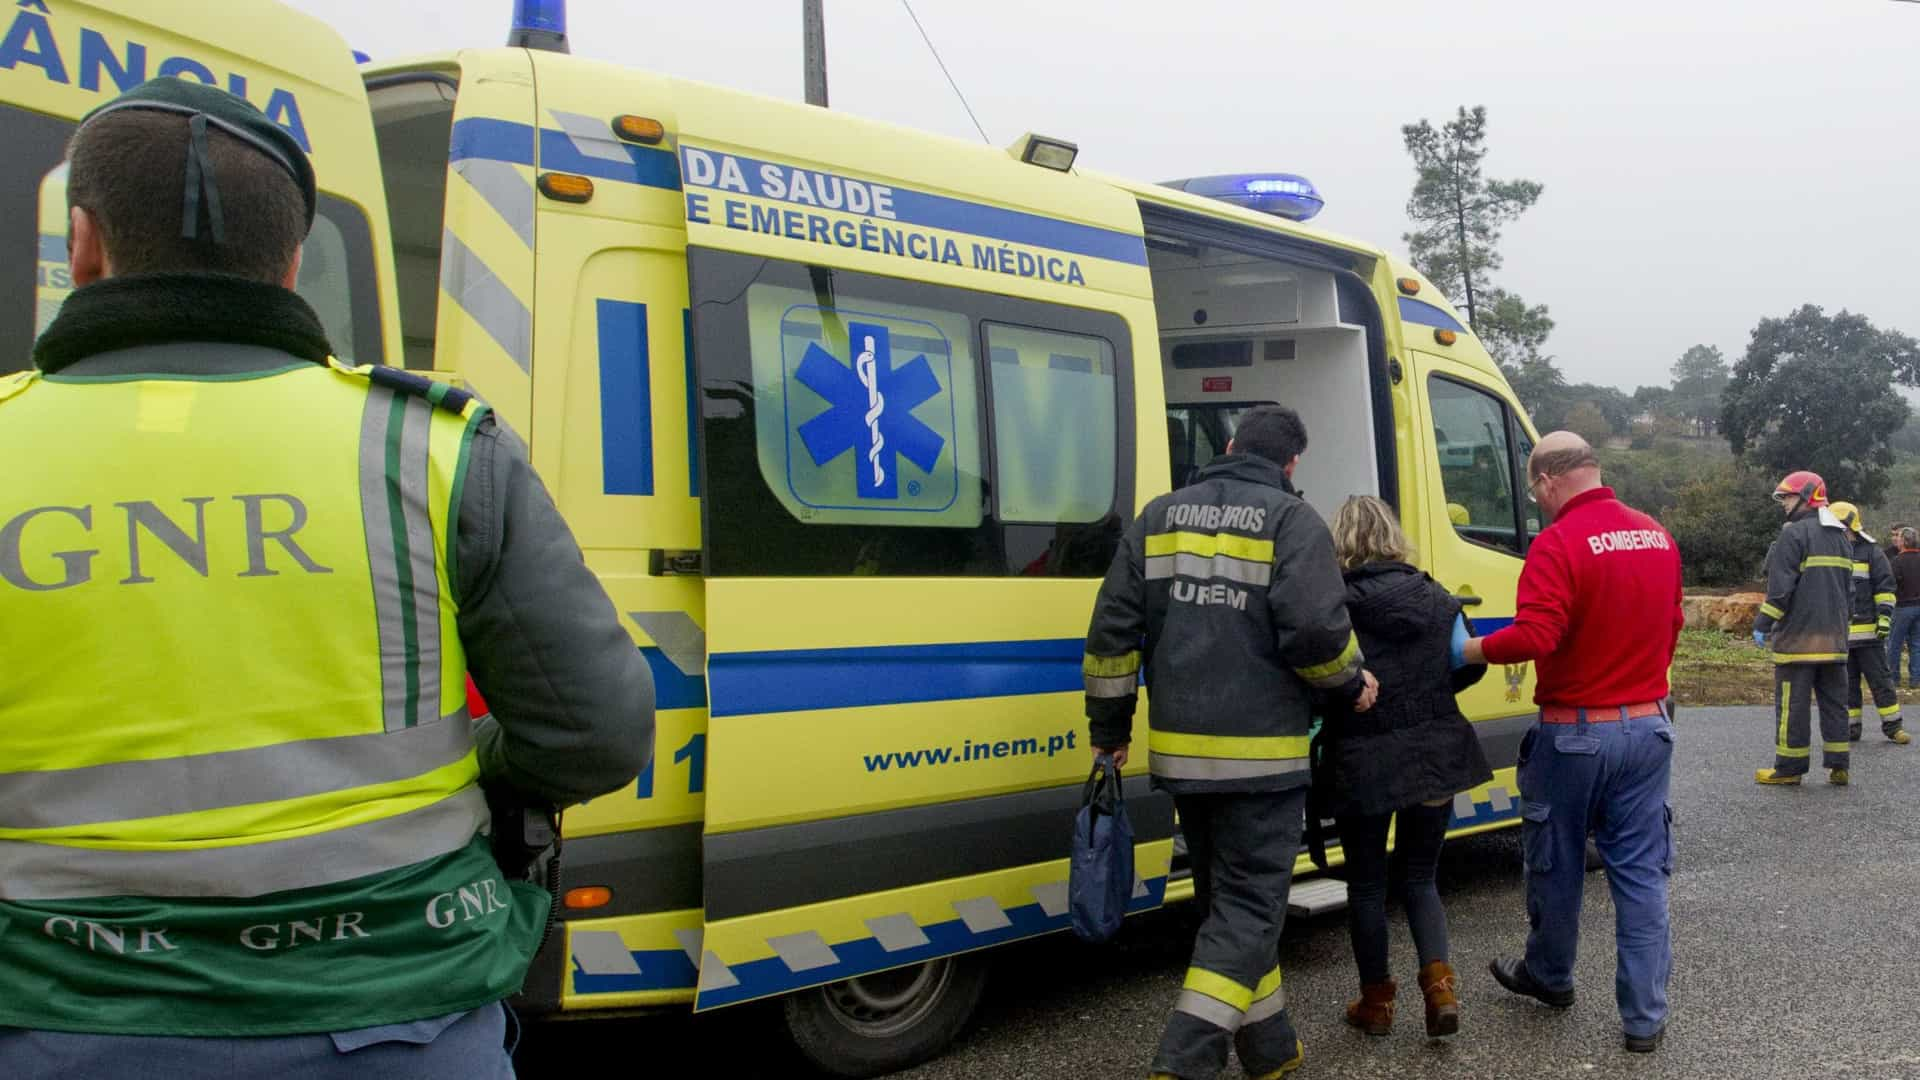 Idoso ferido com gravidade após cair de carro em ravina em Montalegre